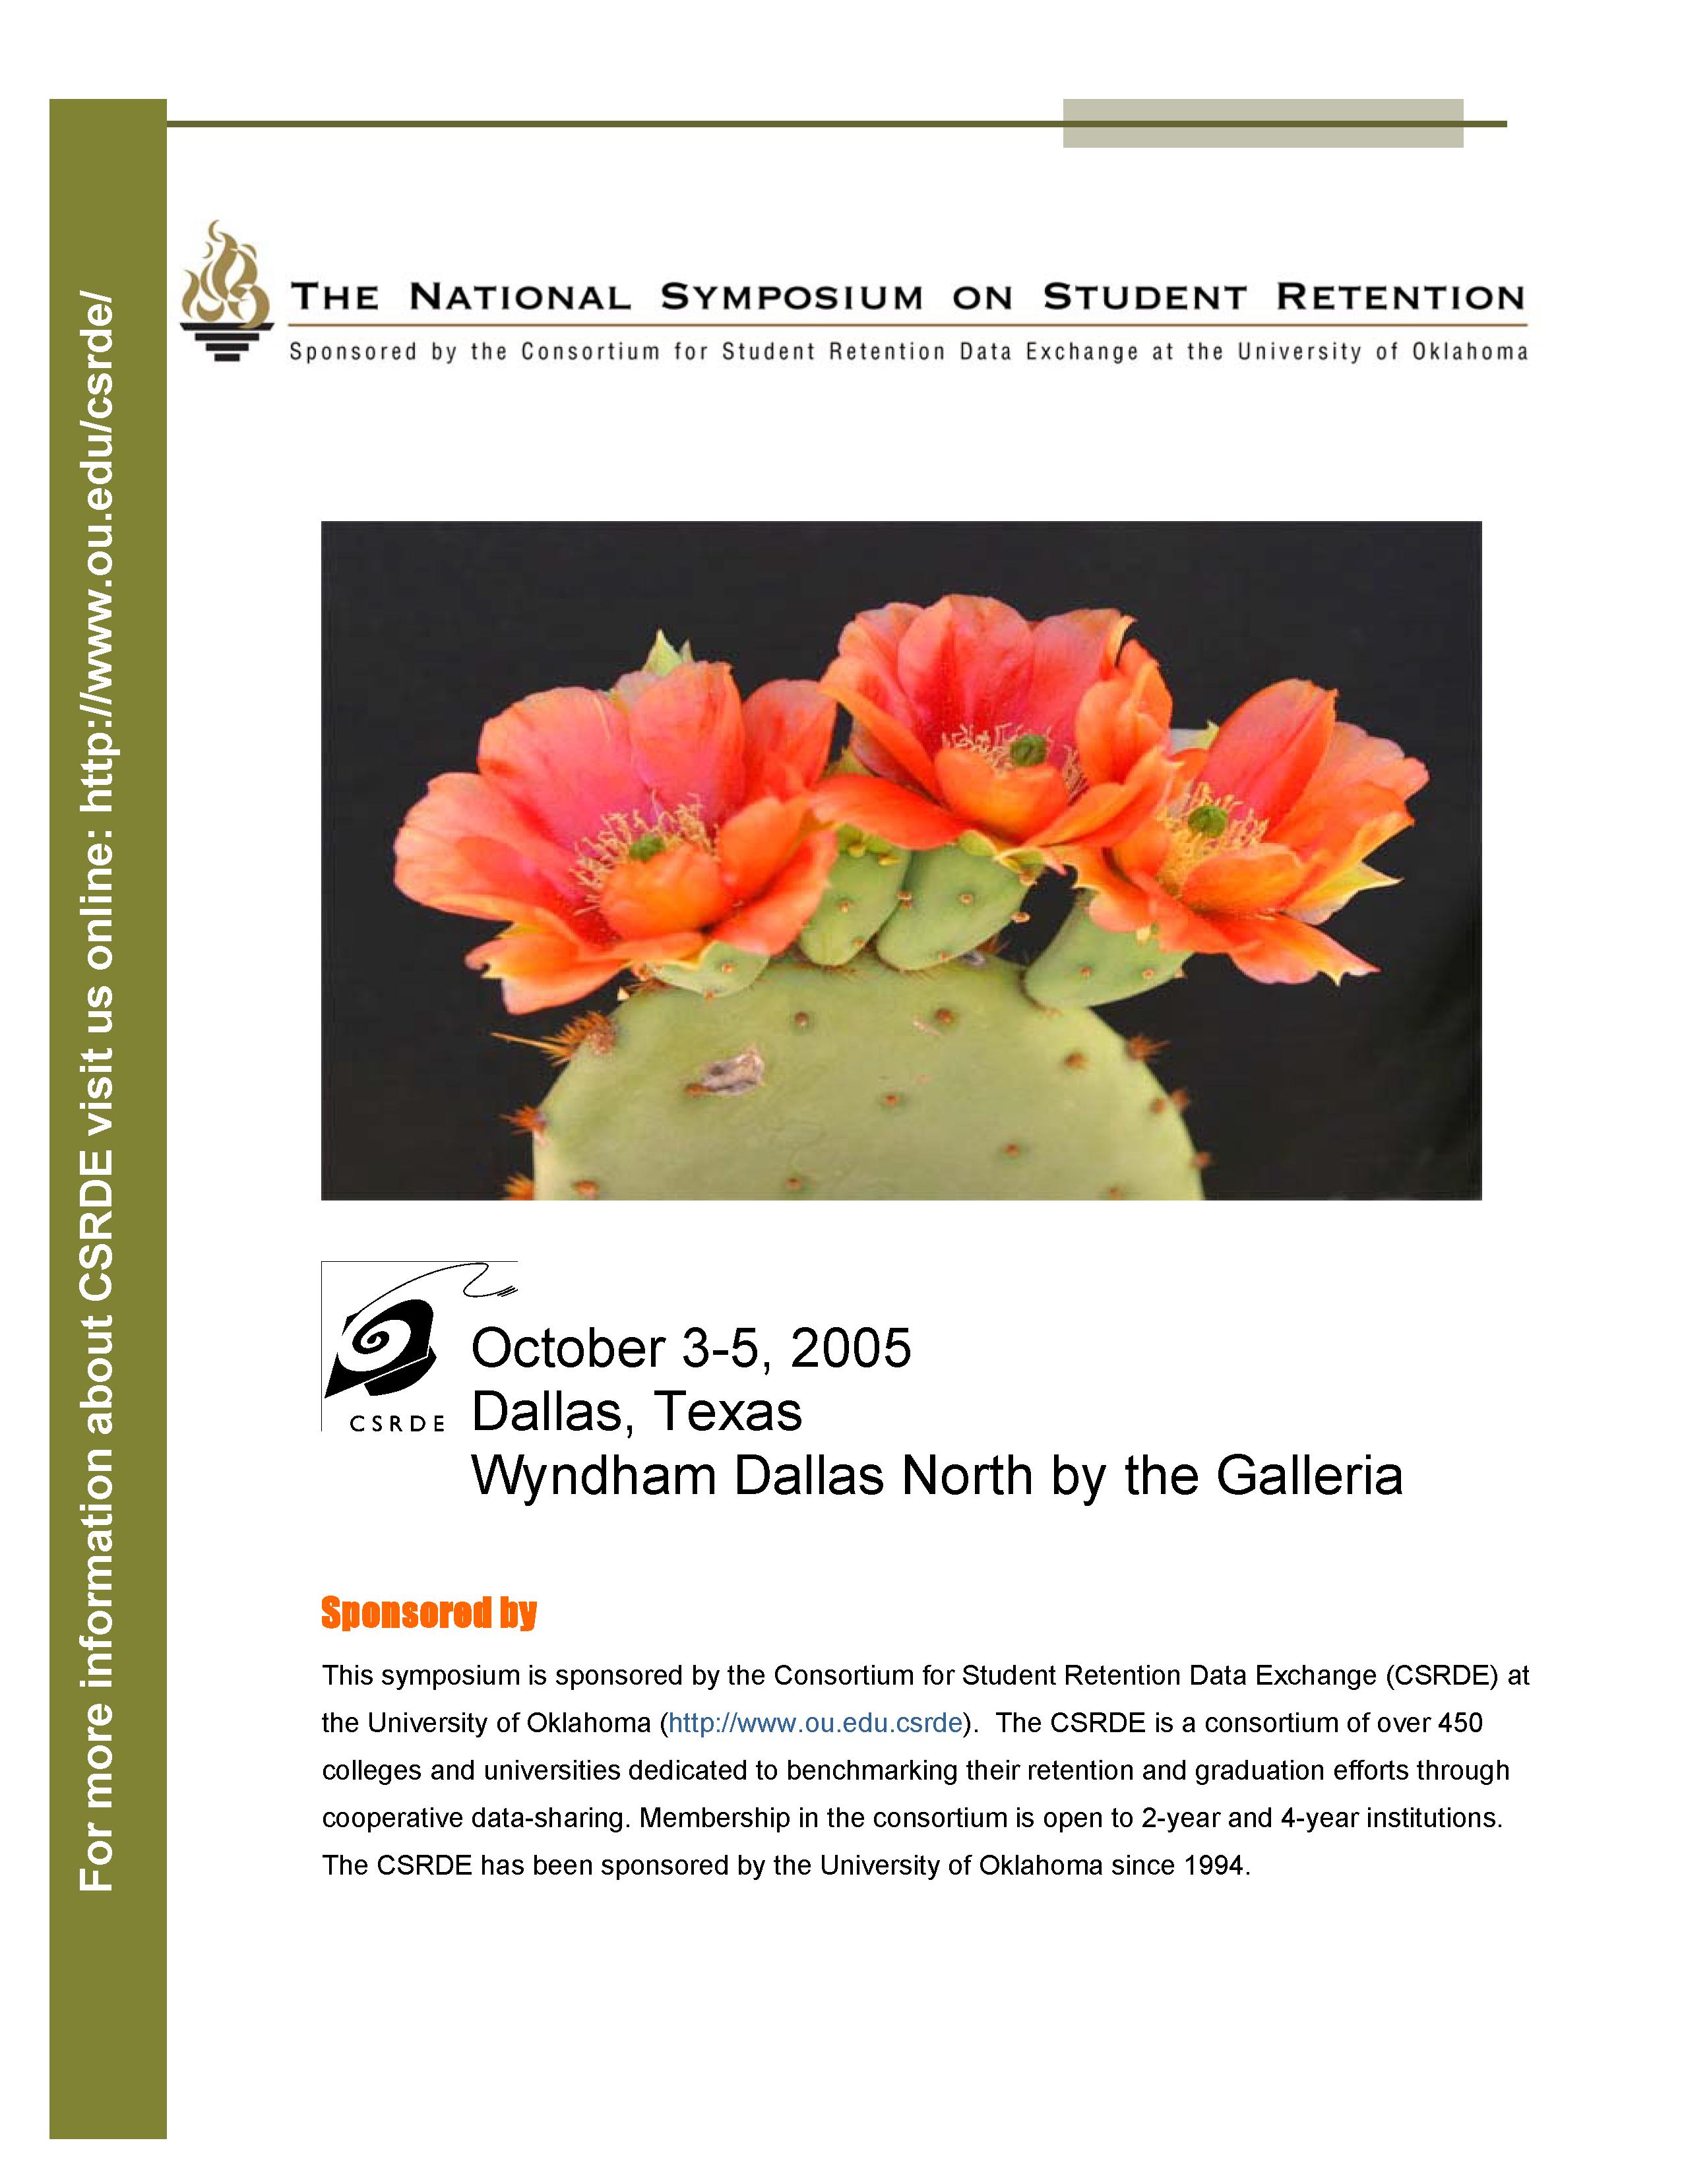 2005 NSSR Program Cover